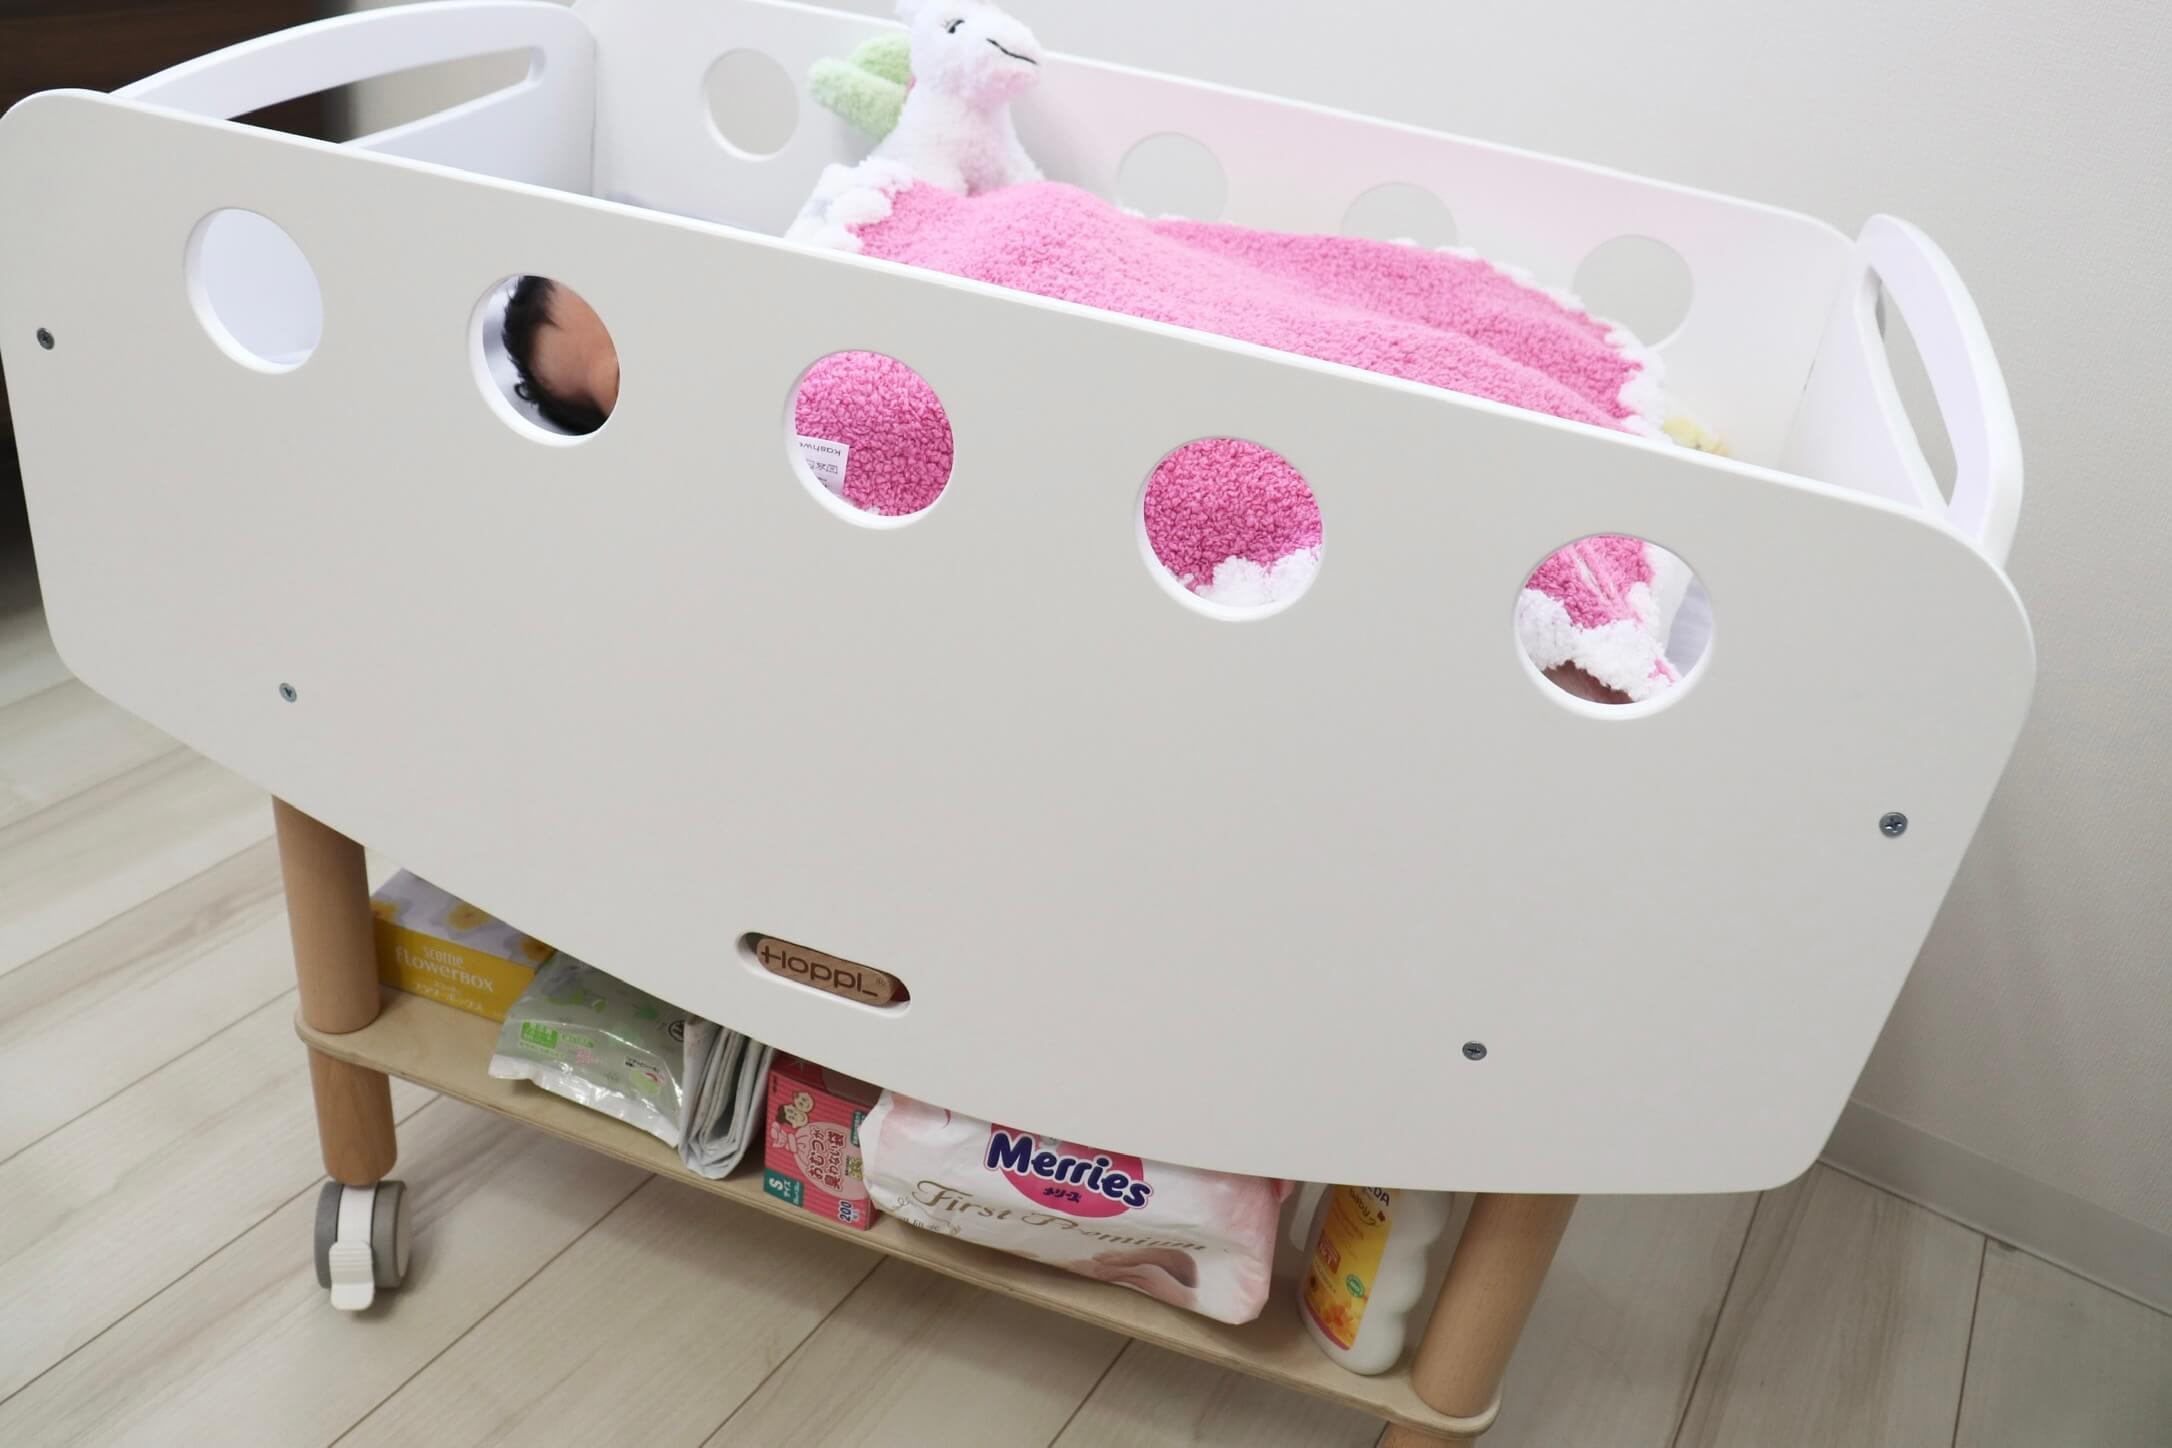 ホップルのbébéd(ベベッド)|リビングに最適!赤ちゃん用の移動可能ベッド